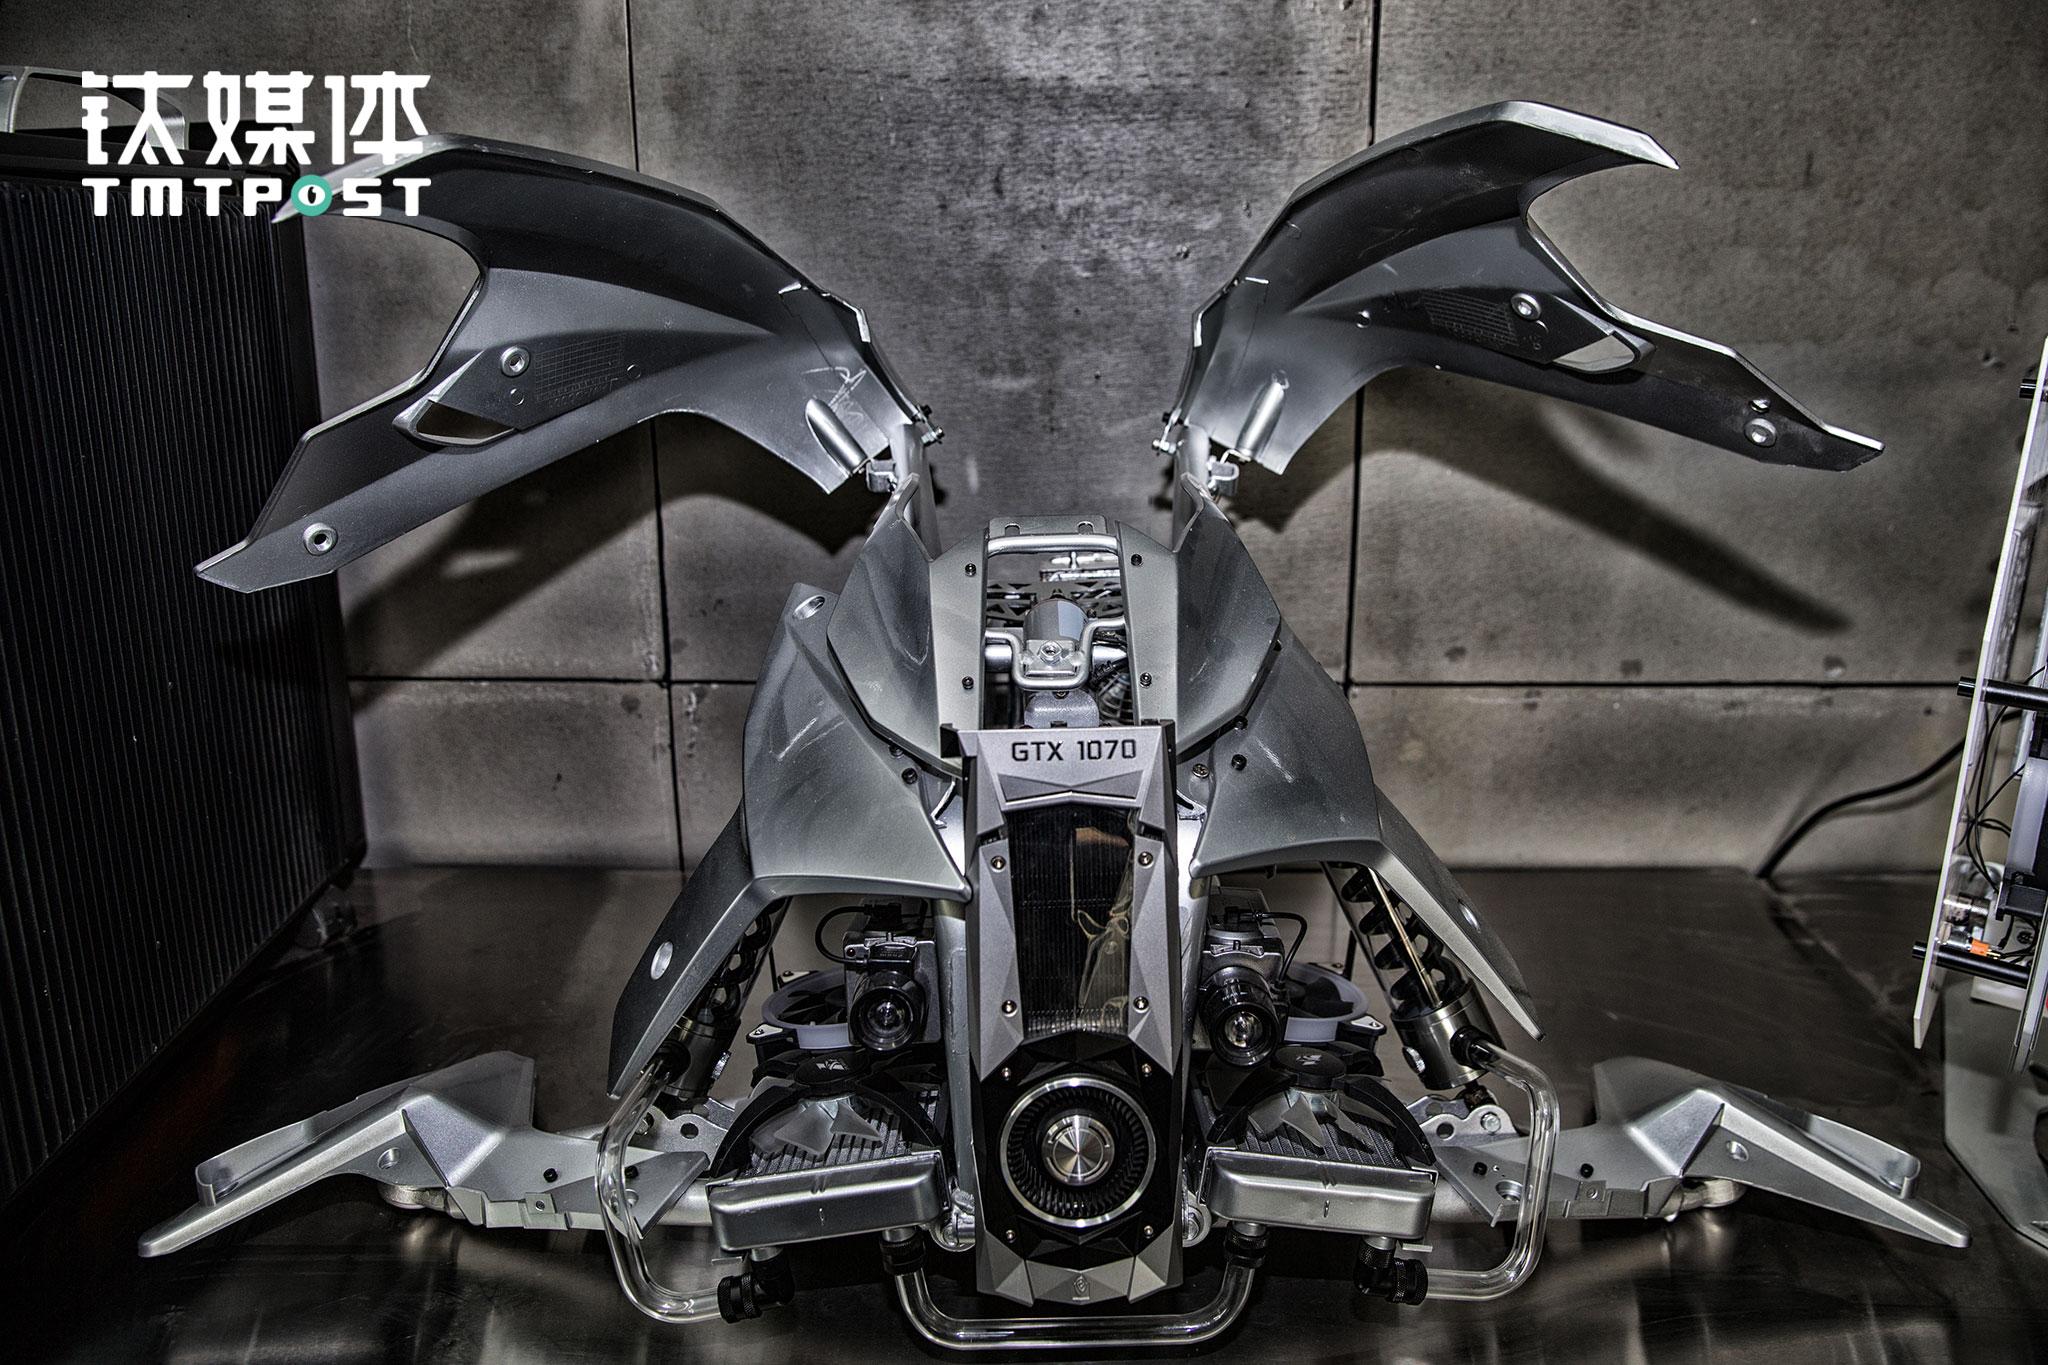 2017年4月5日,北京FUXK工作室,一台蝙蝠侠主题的MOD主机。邢凯凭借这台主机一举获得权威顶级PC机箱MOD改装赛事DCMM(Deutsche Casemod Meisterschaft,全德国机箱改造锦标赛)冠军。这台MOD主机的灵感来自蝙蝠侠座驾Batmobile,邢凯和团队花费了3个月才完成这一作品。